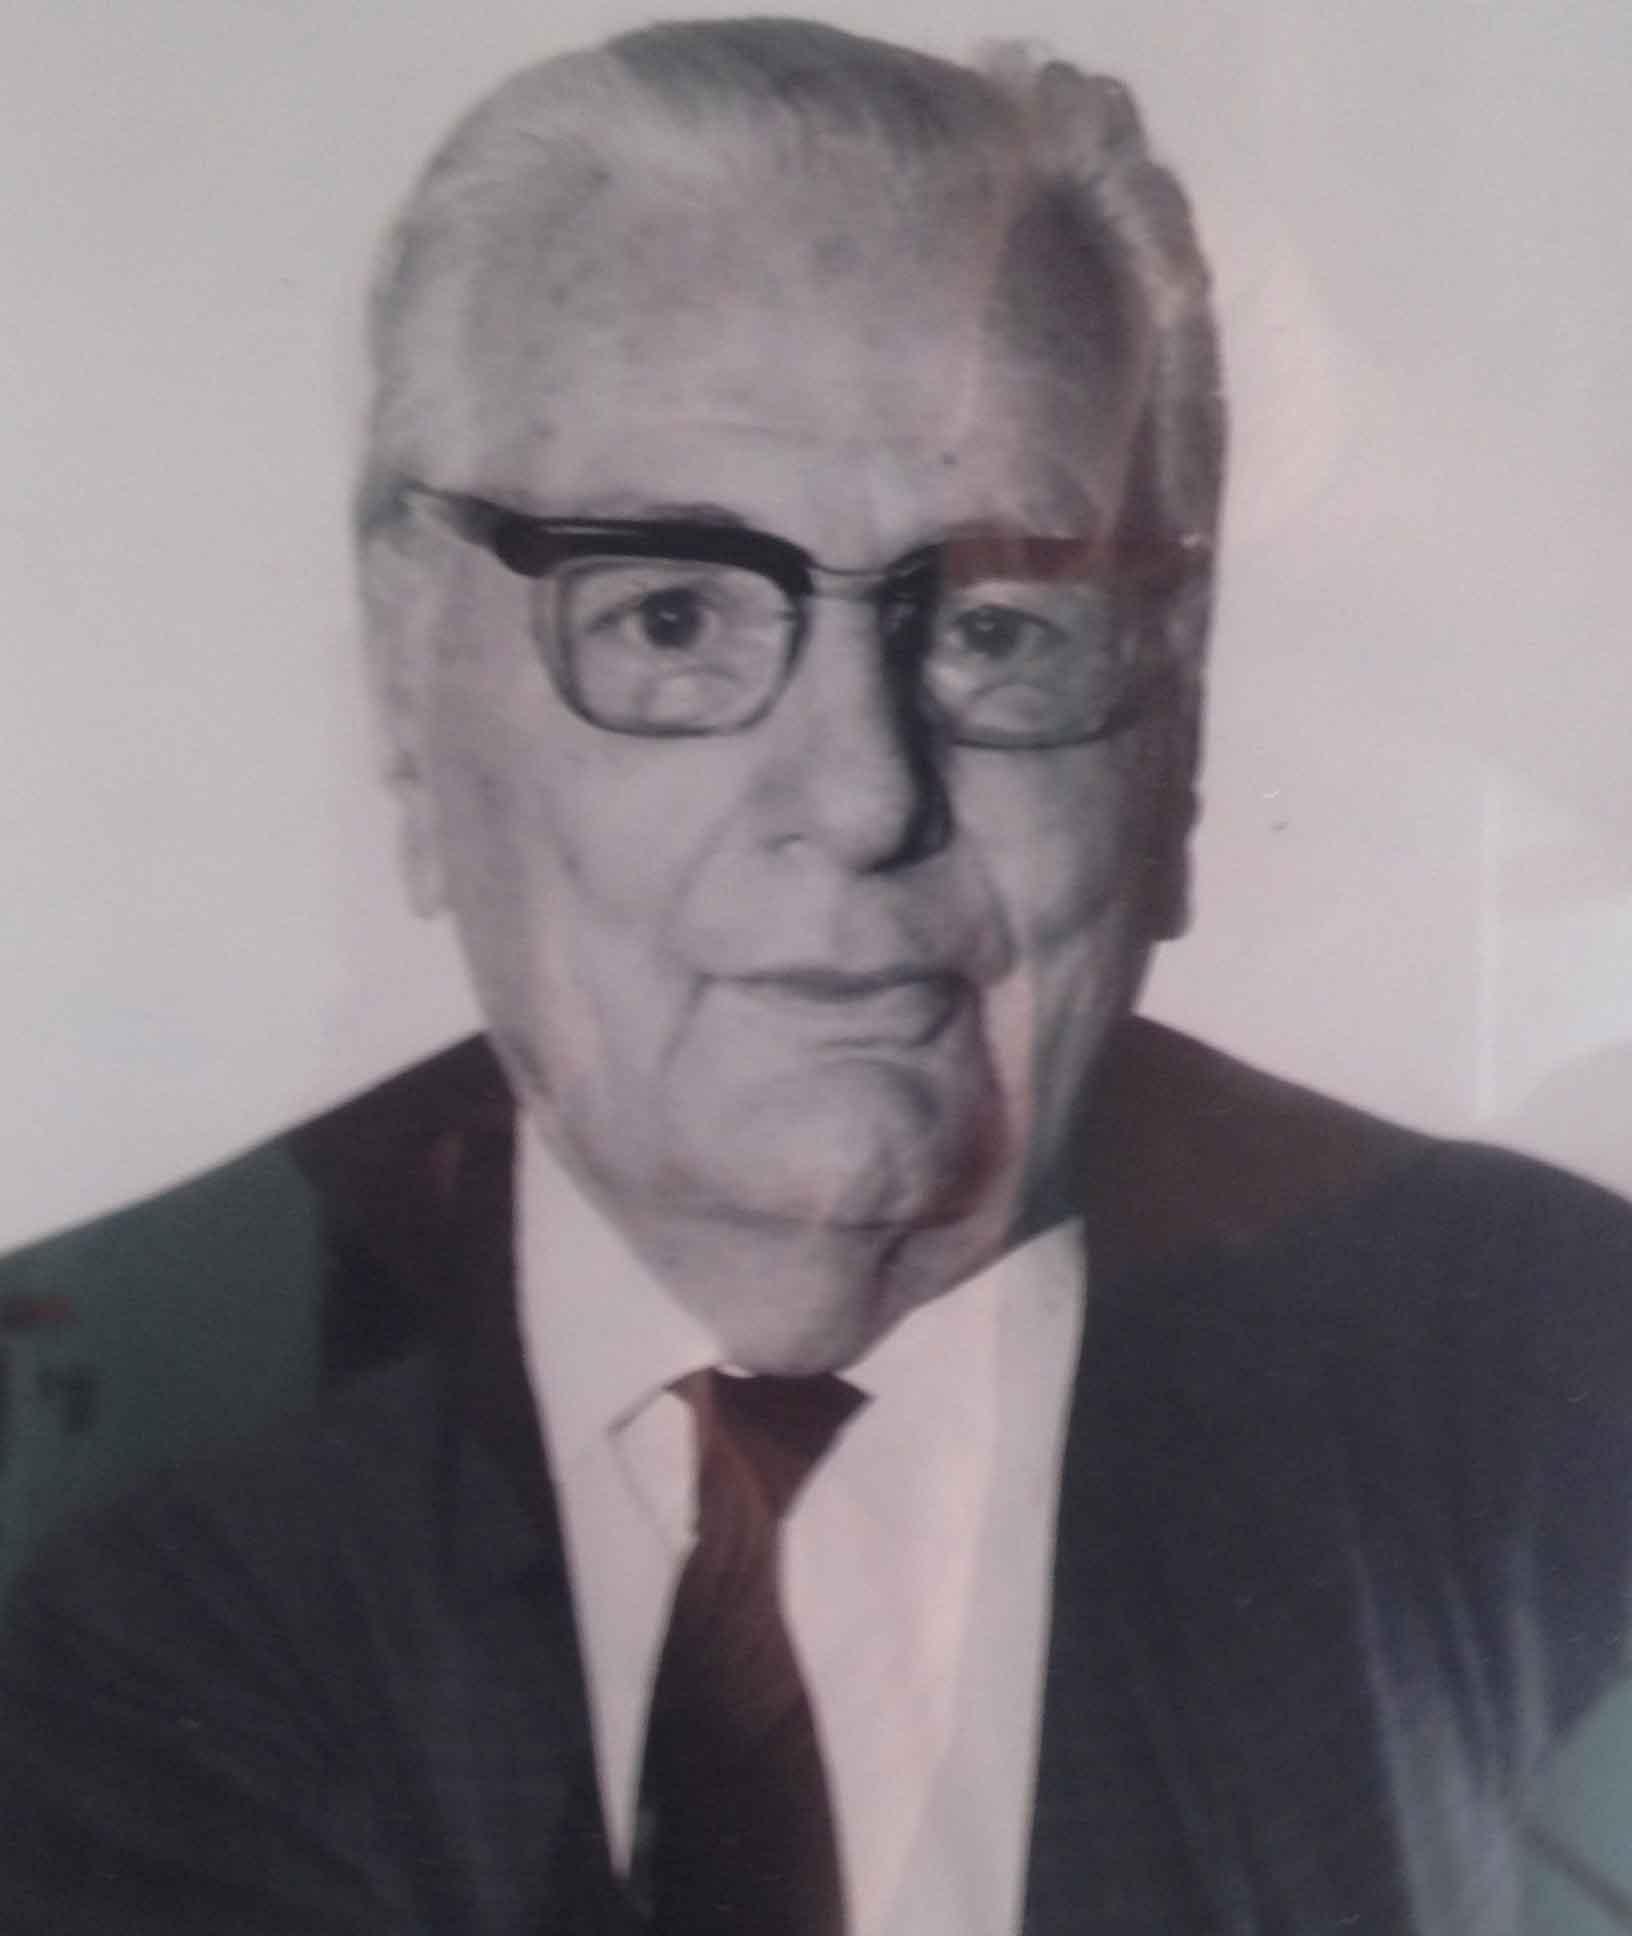 Mr. G.E. Papadopoulos